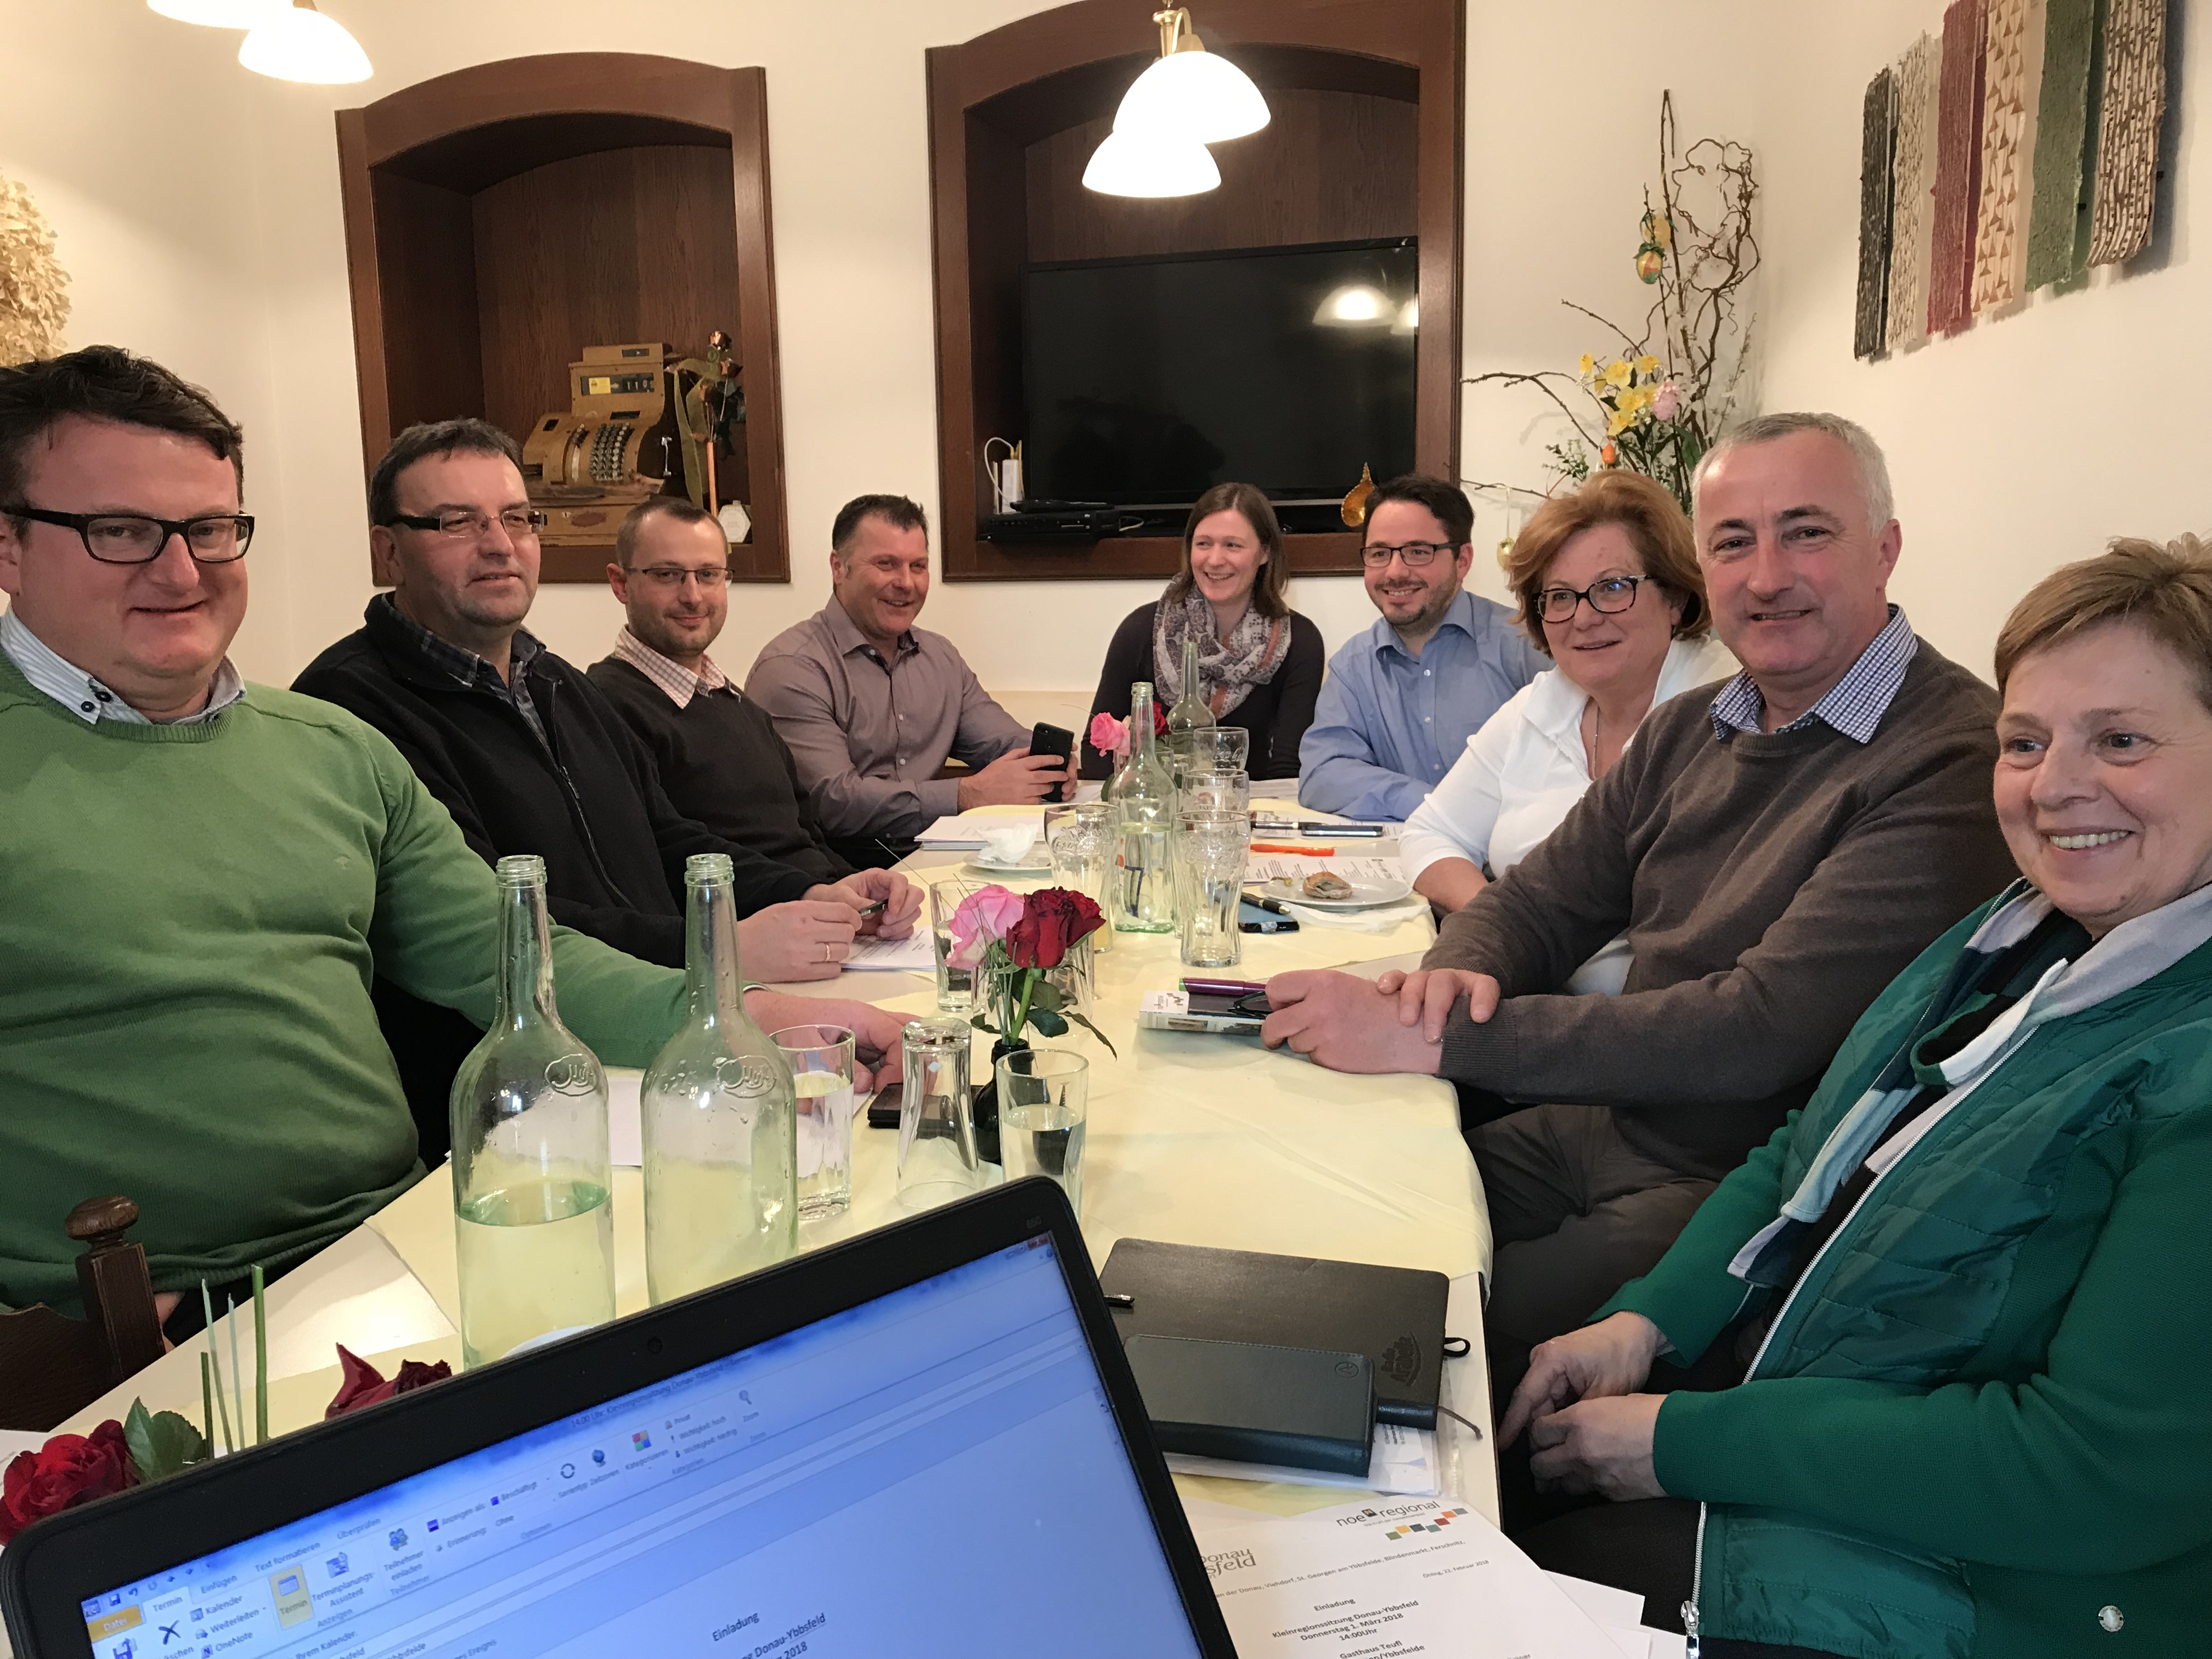 Treffen mit frauen in sankt georgen am leithagebirge